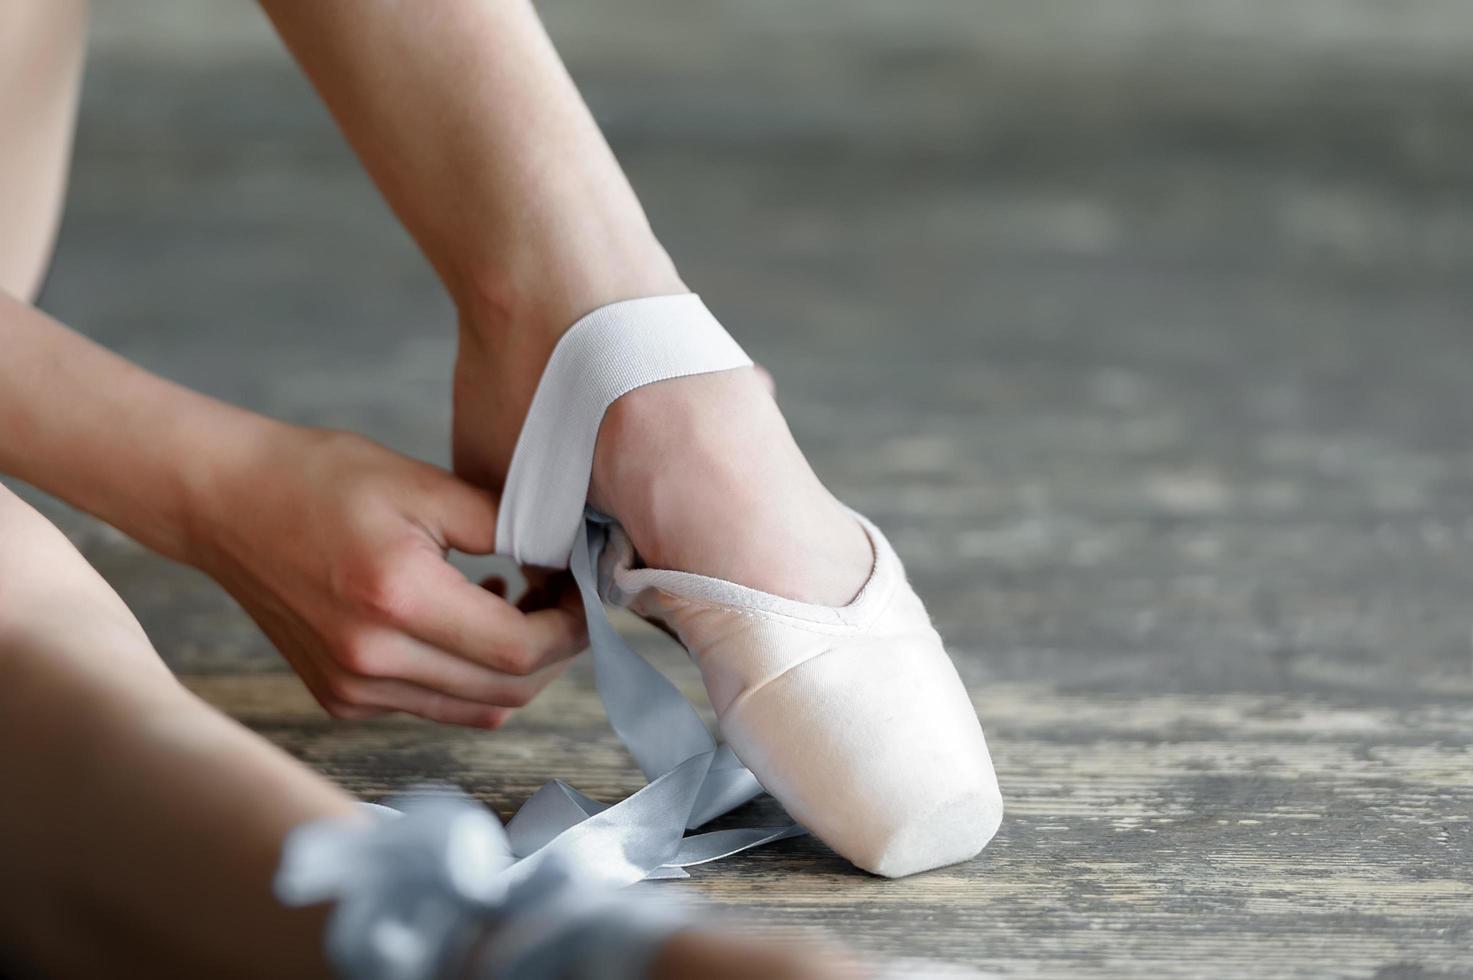 Ballerina Schuhe ausziehen foto